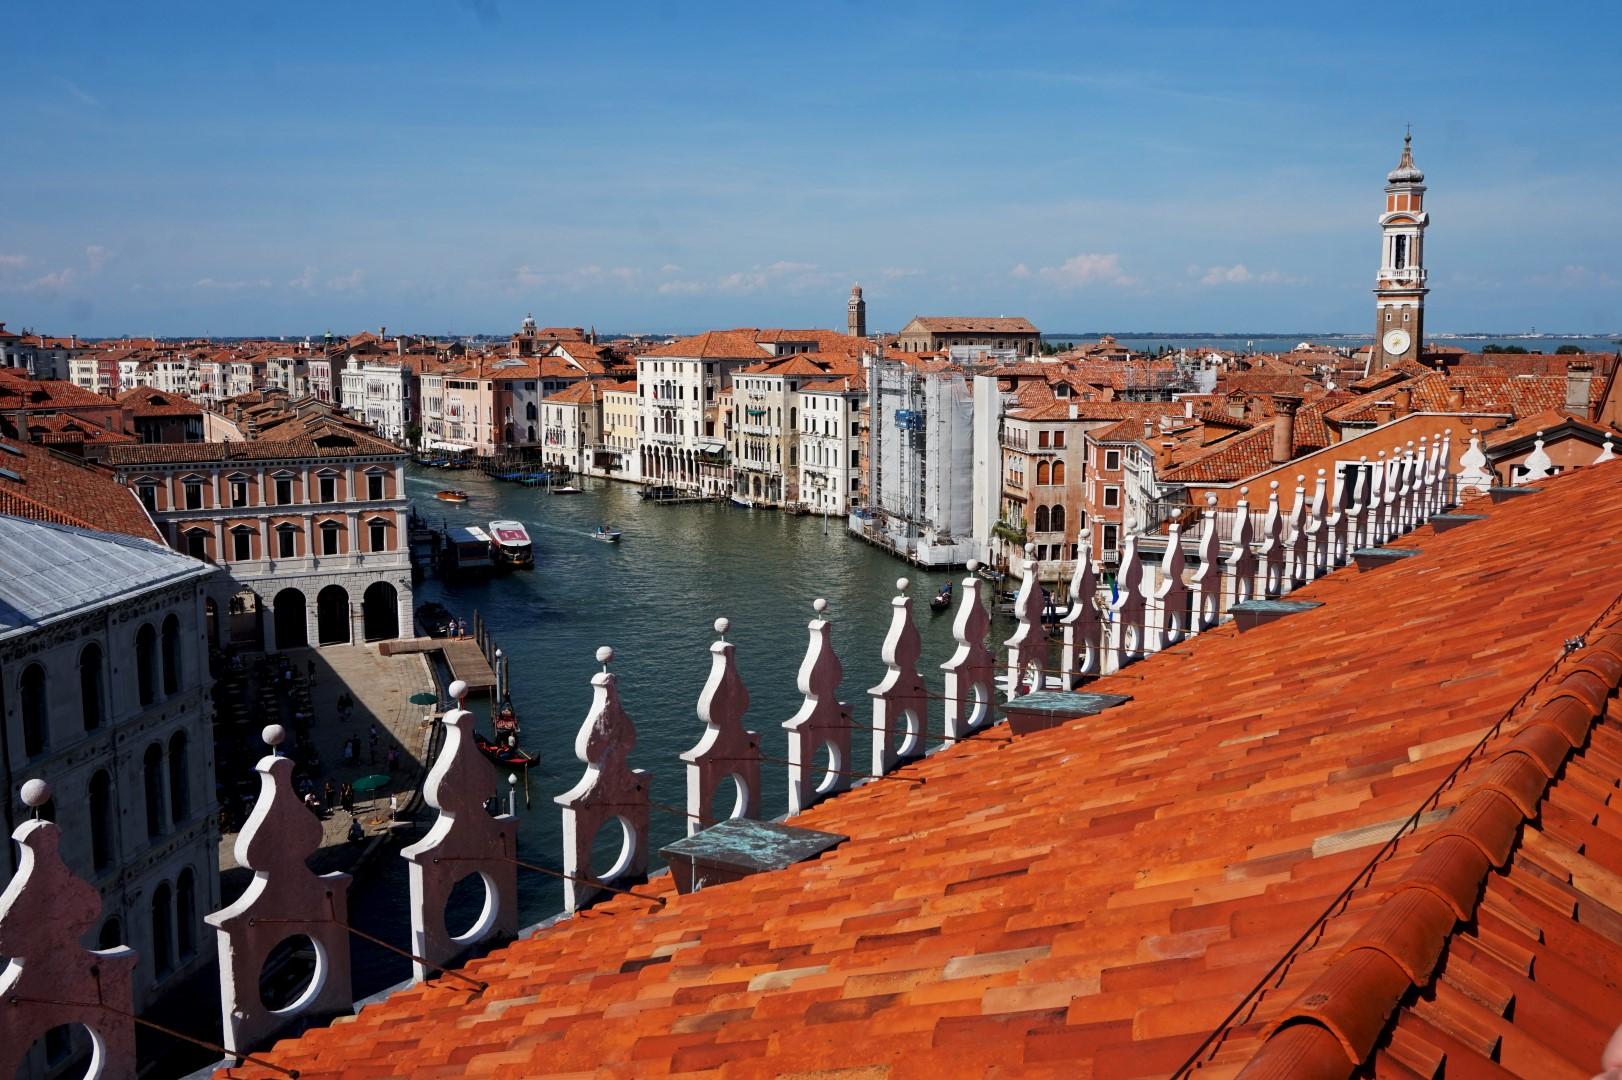 Un voyage en Italie du Nord - De Venise aux Grands Lacs   Venise Fondaco dei Tedeschi